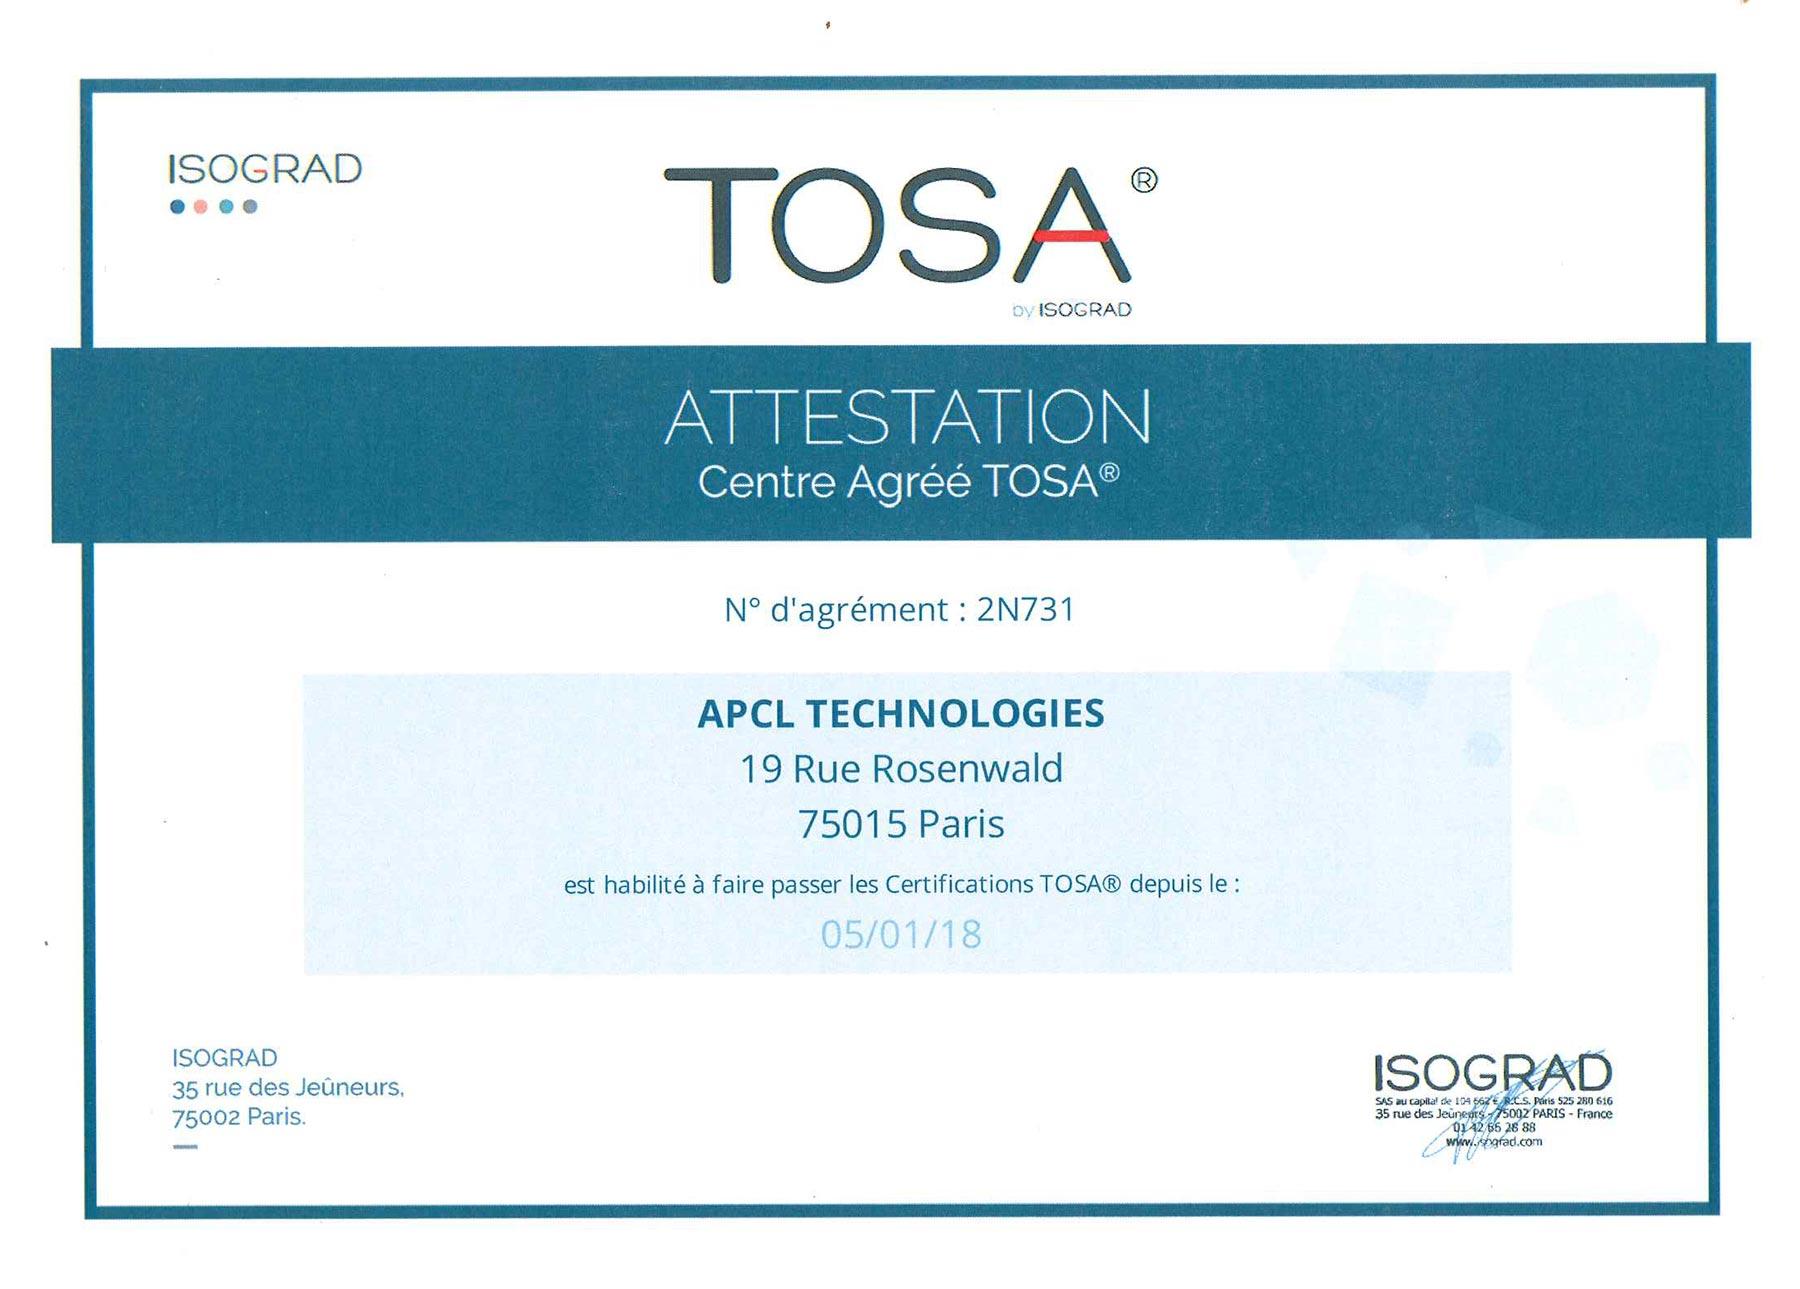 emploi avec la certification tosa sur cv